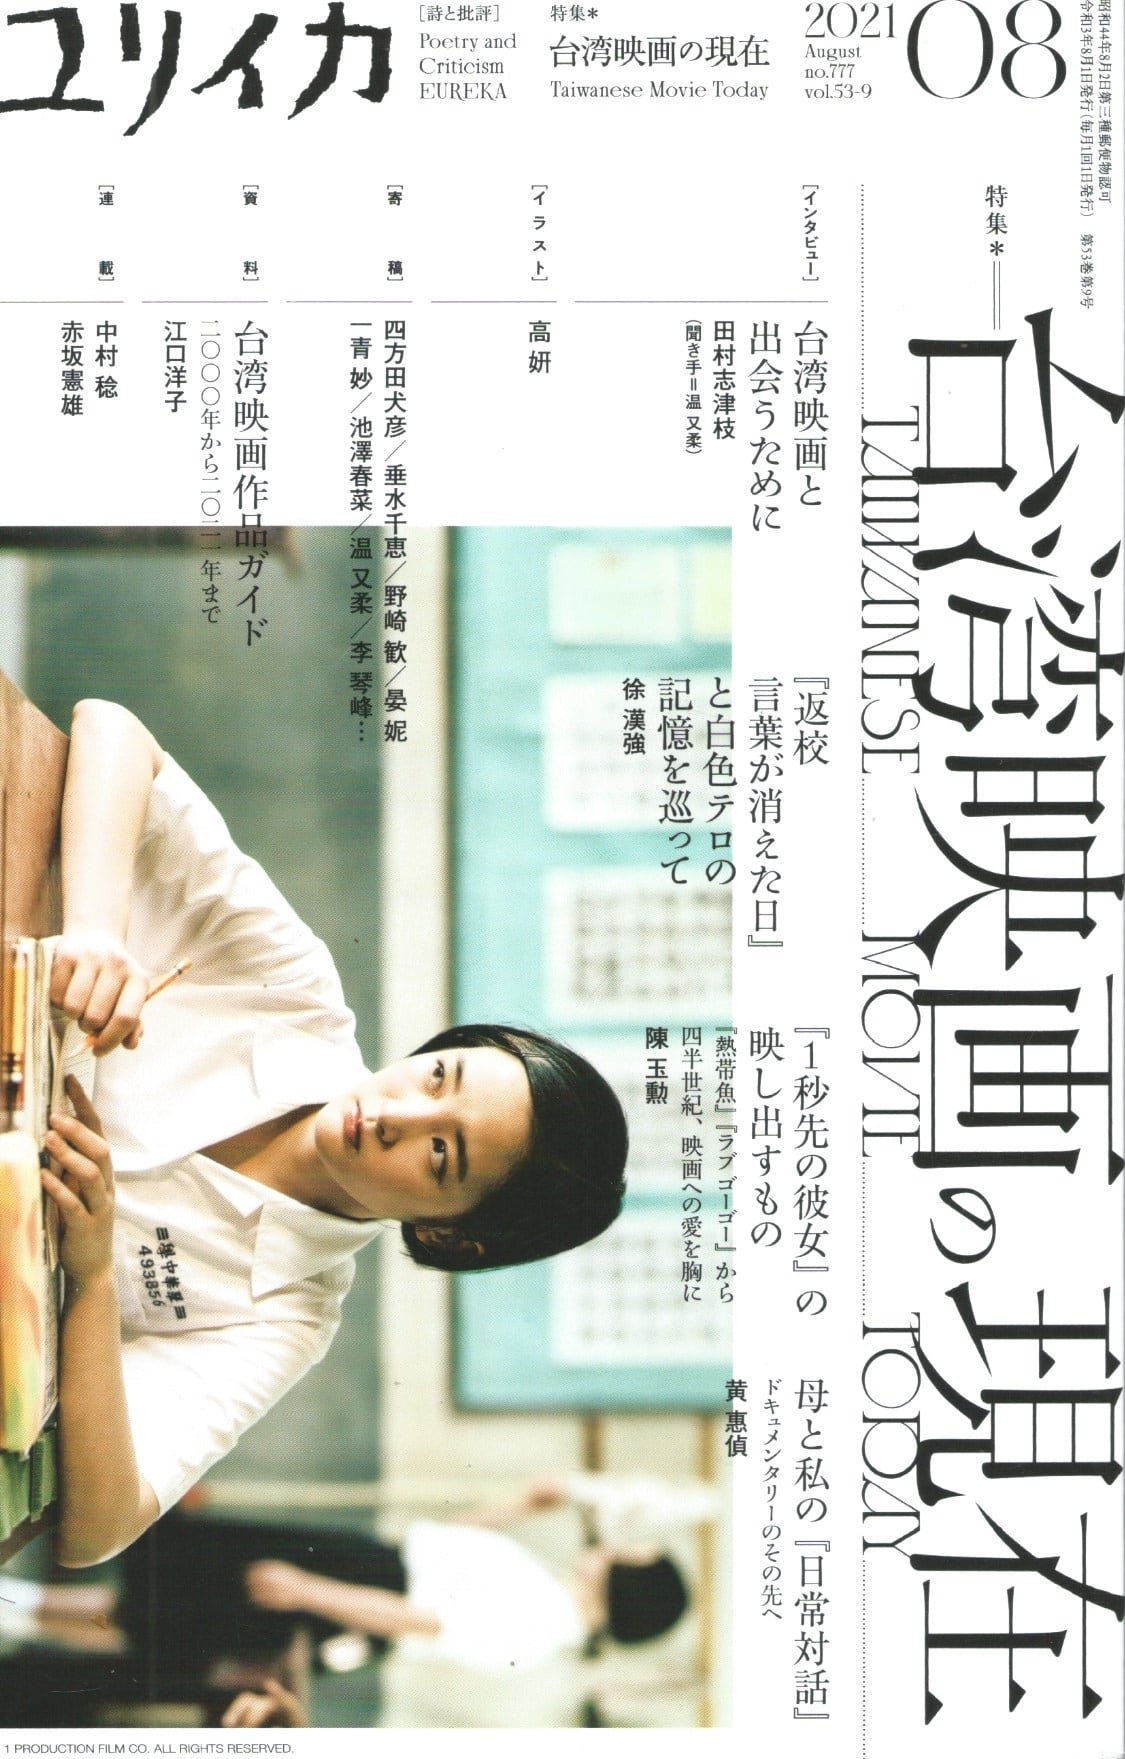 ユリイカ 2021年08月号 台湾映画の現在